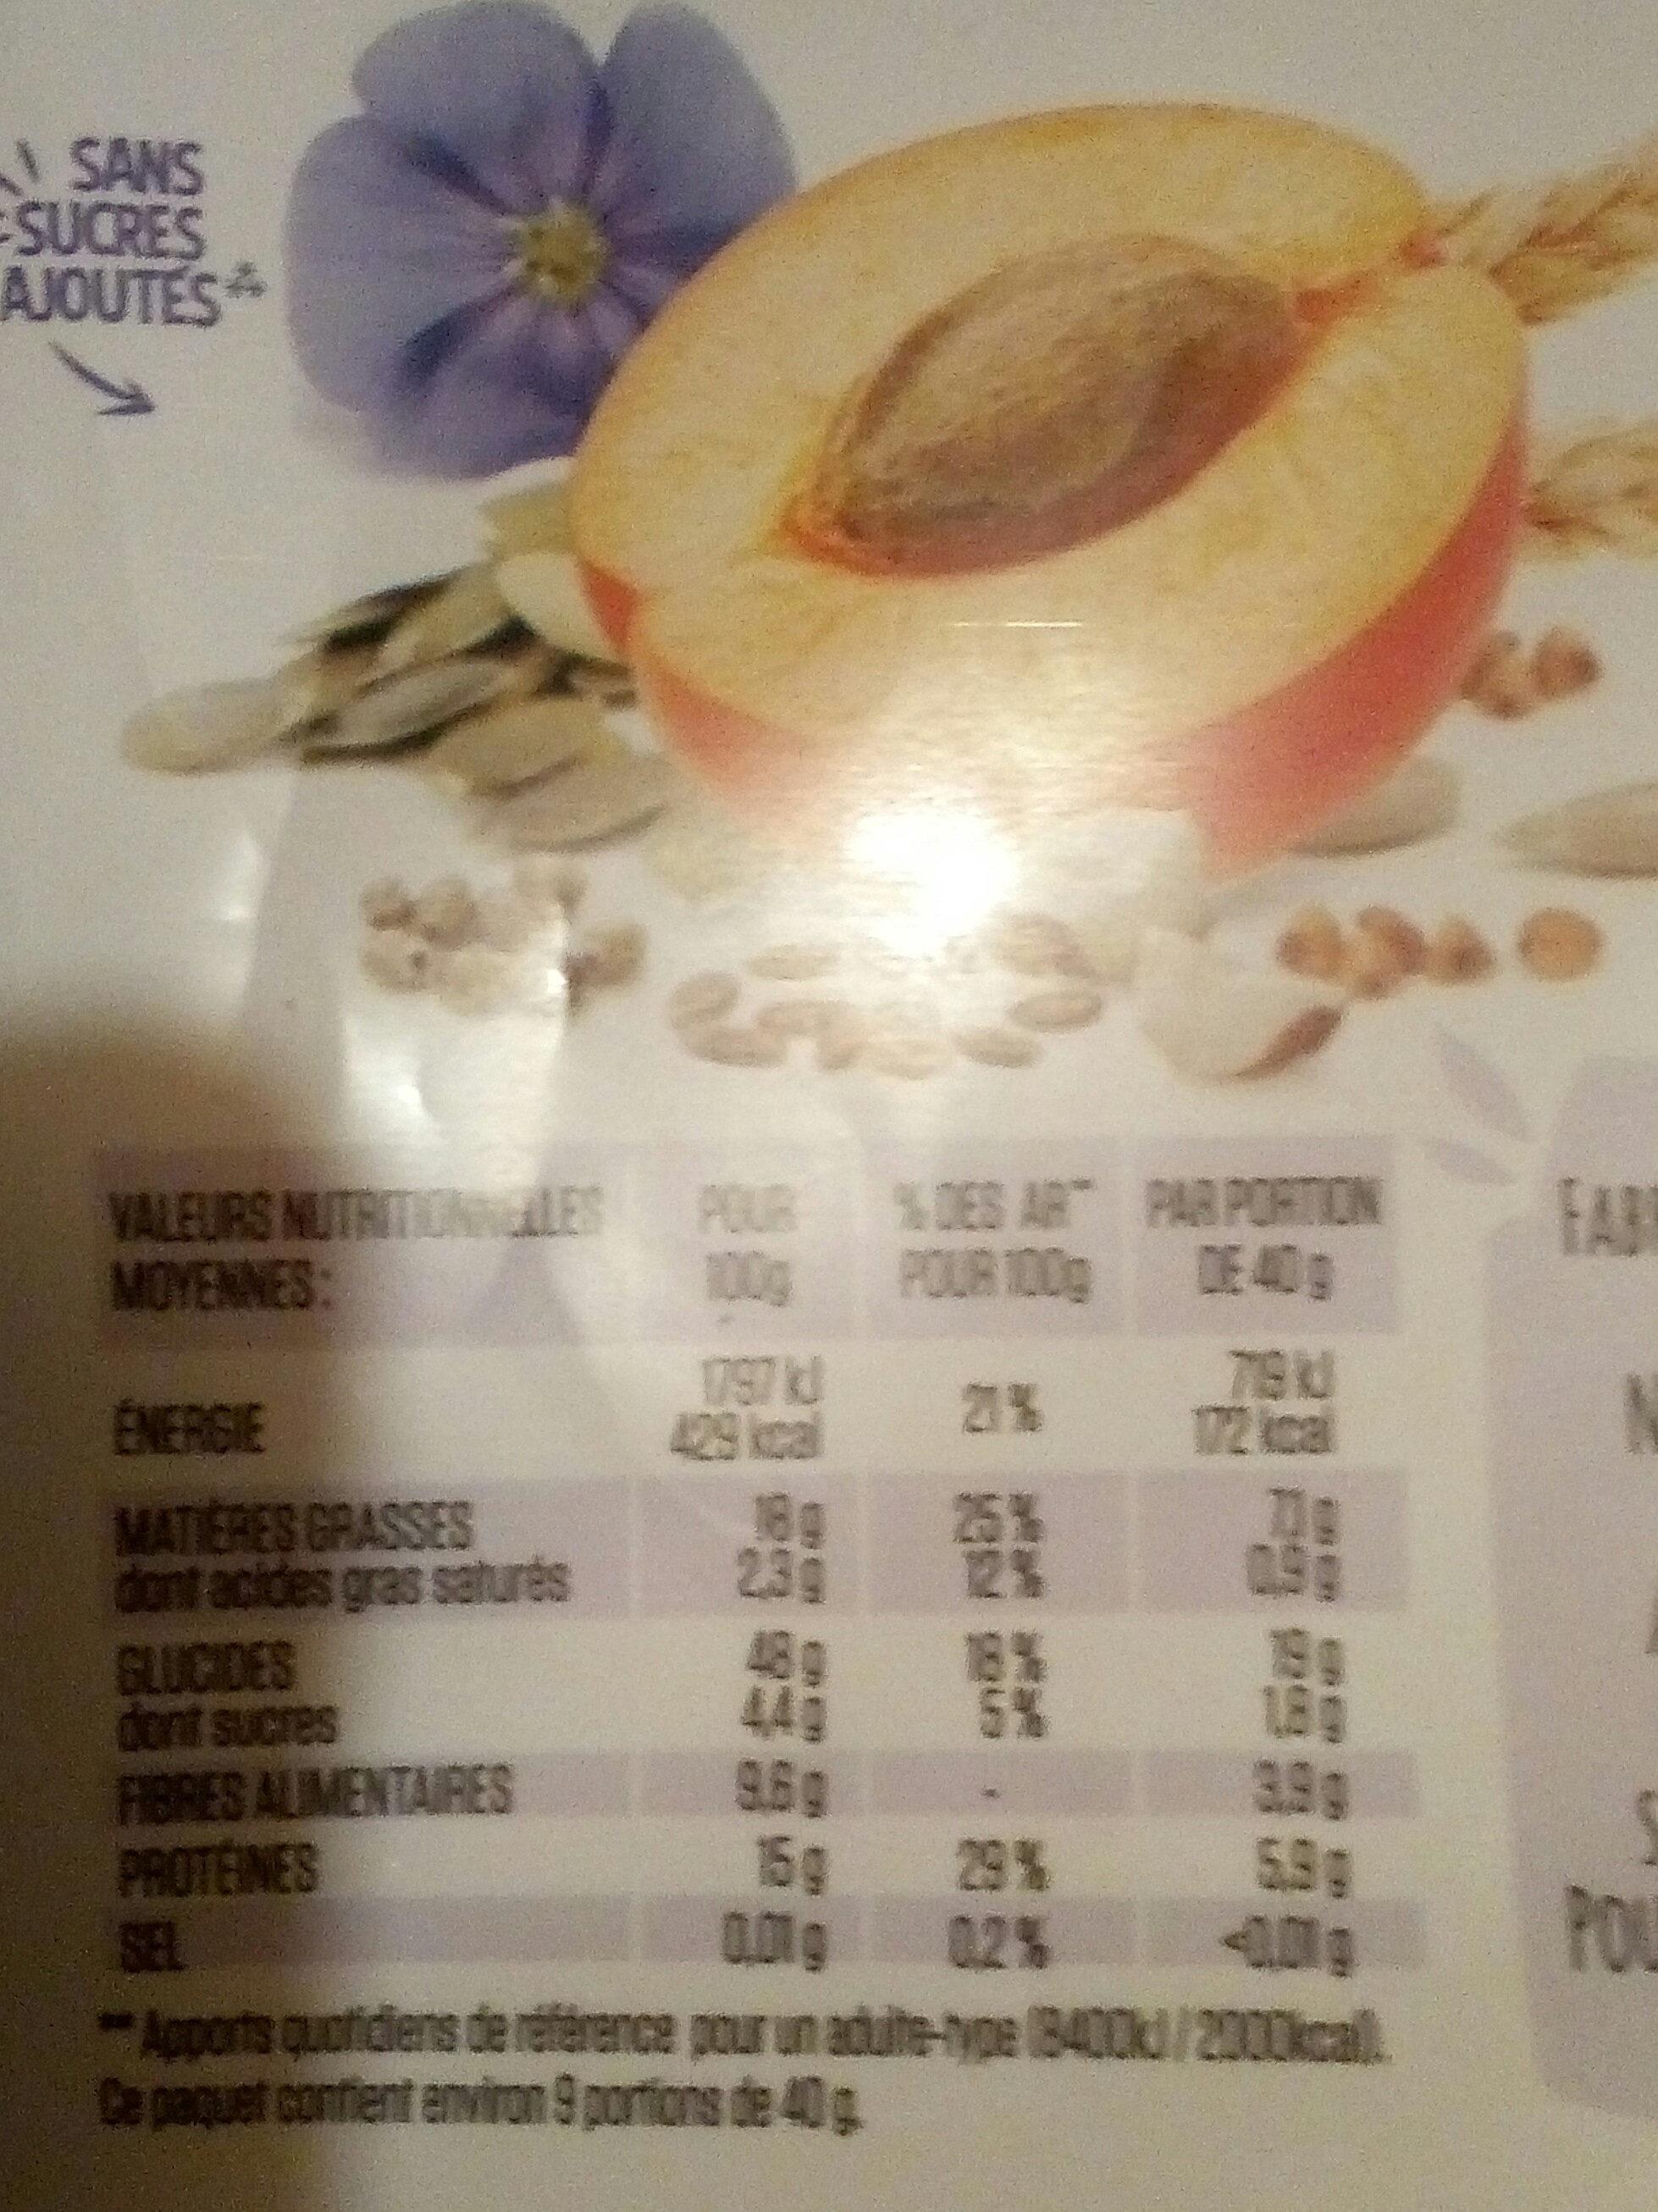 Muesli abricots & graines gourmandes - Informations nutritionnelles - fr